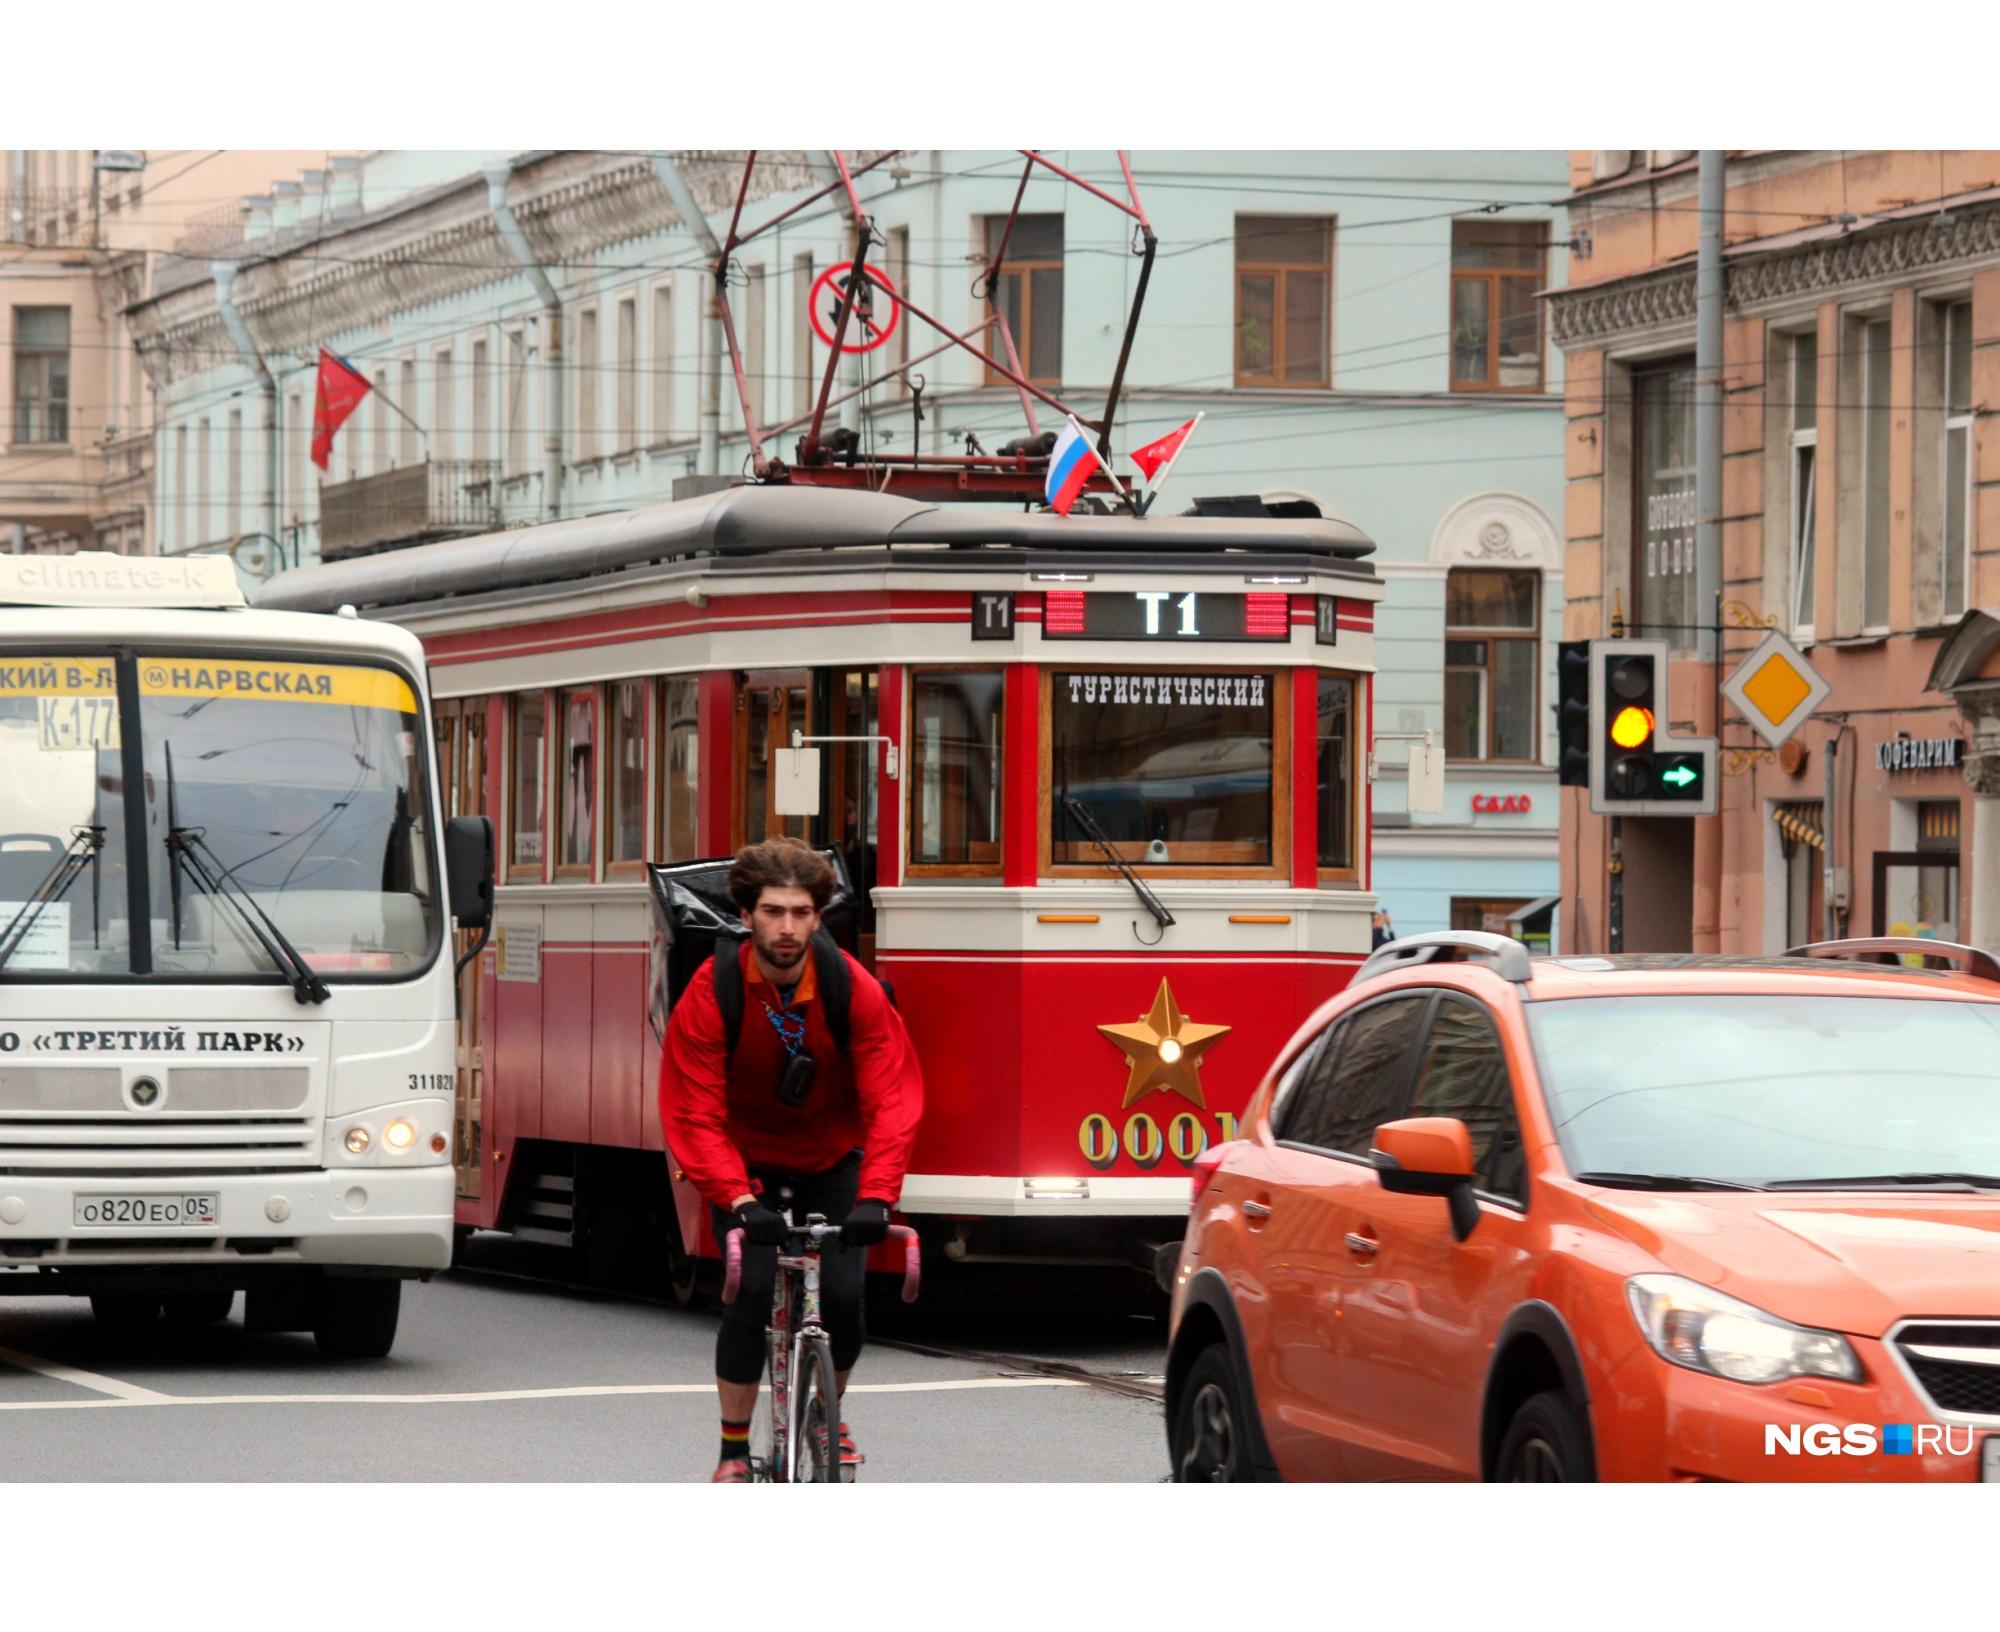 Маршрут туристического трамвая проходит через большую часть Васильевского острова, часть Петроградки и делает большую петлю в Центральном районе. По пути пересекая три моста